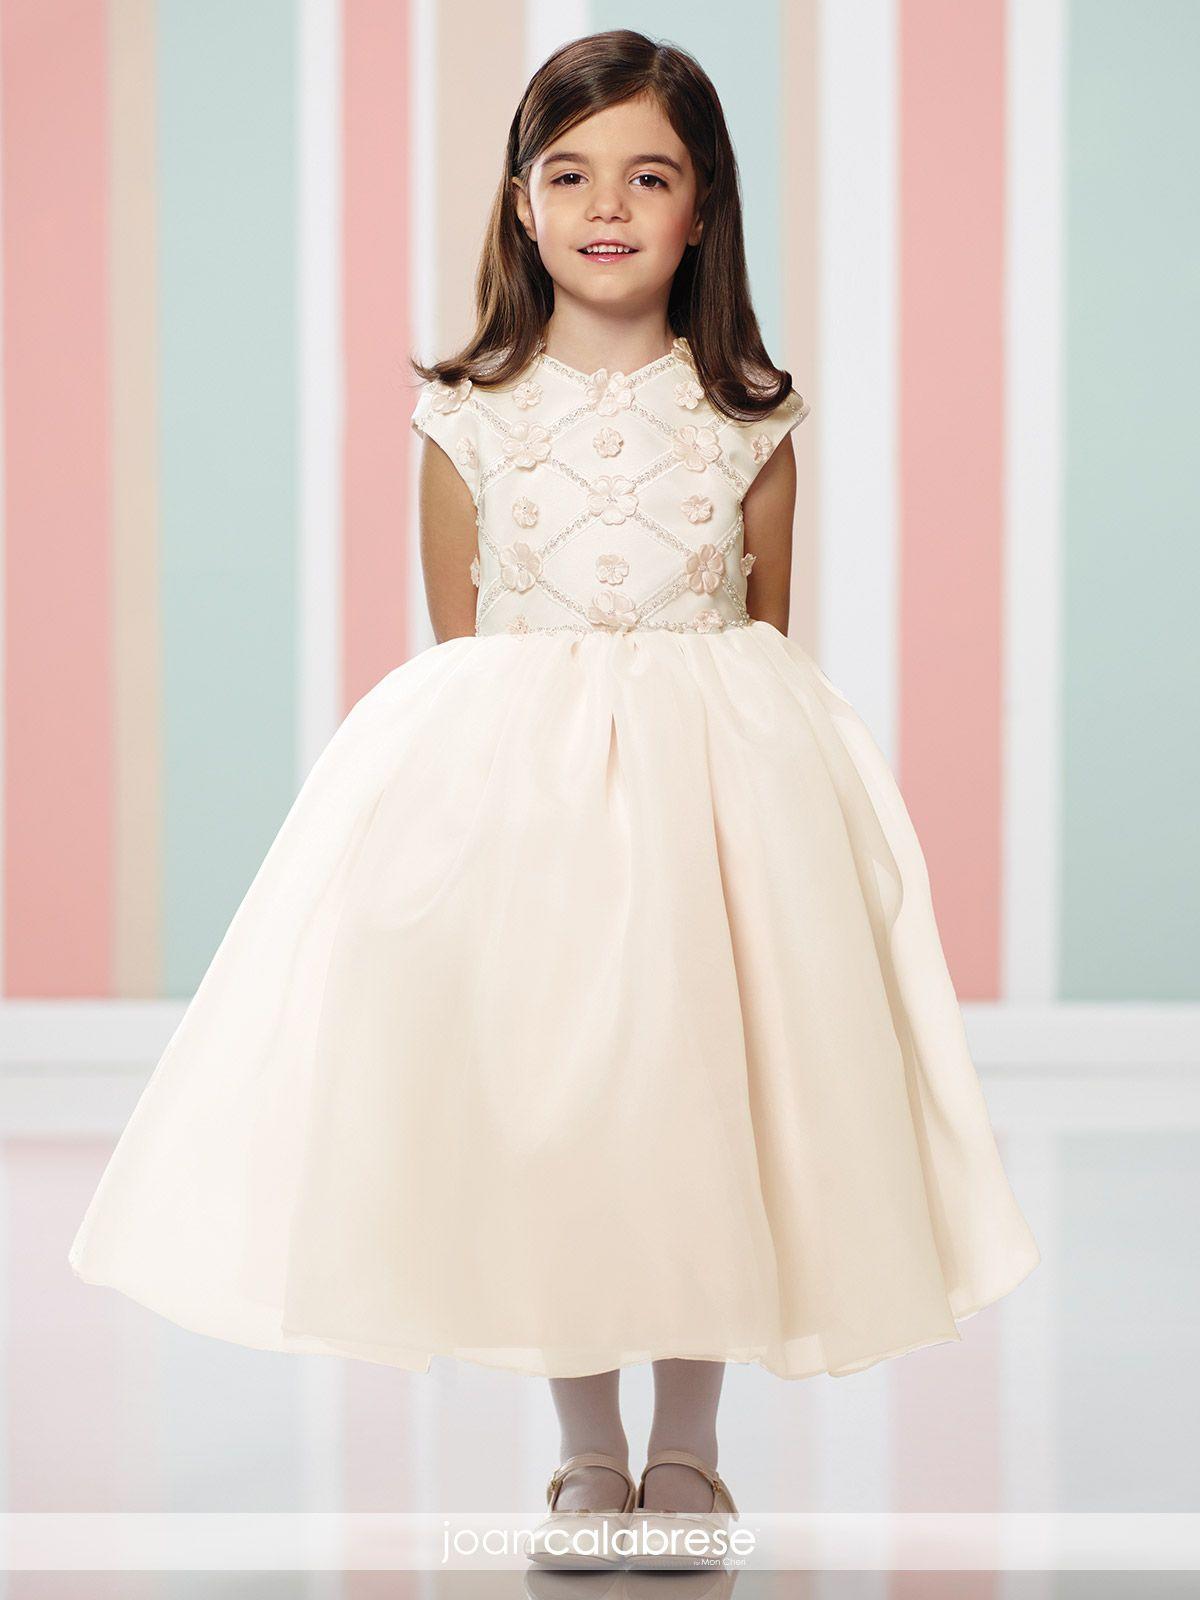 Joan calabrese flower girl dresses moda infntil pinterest